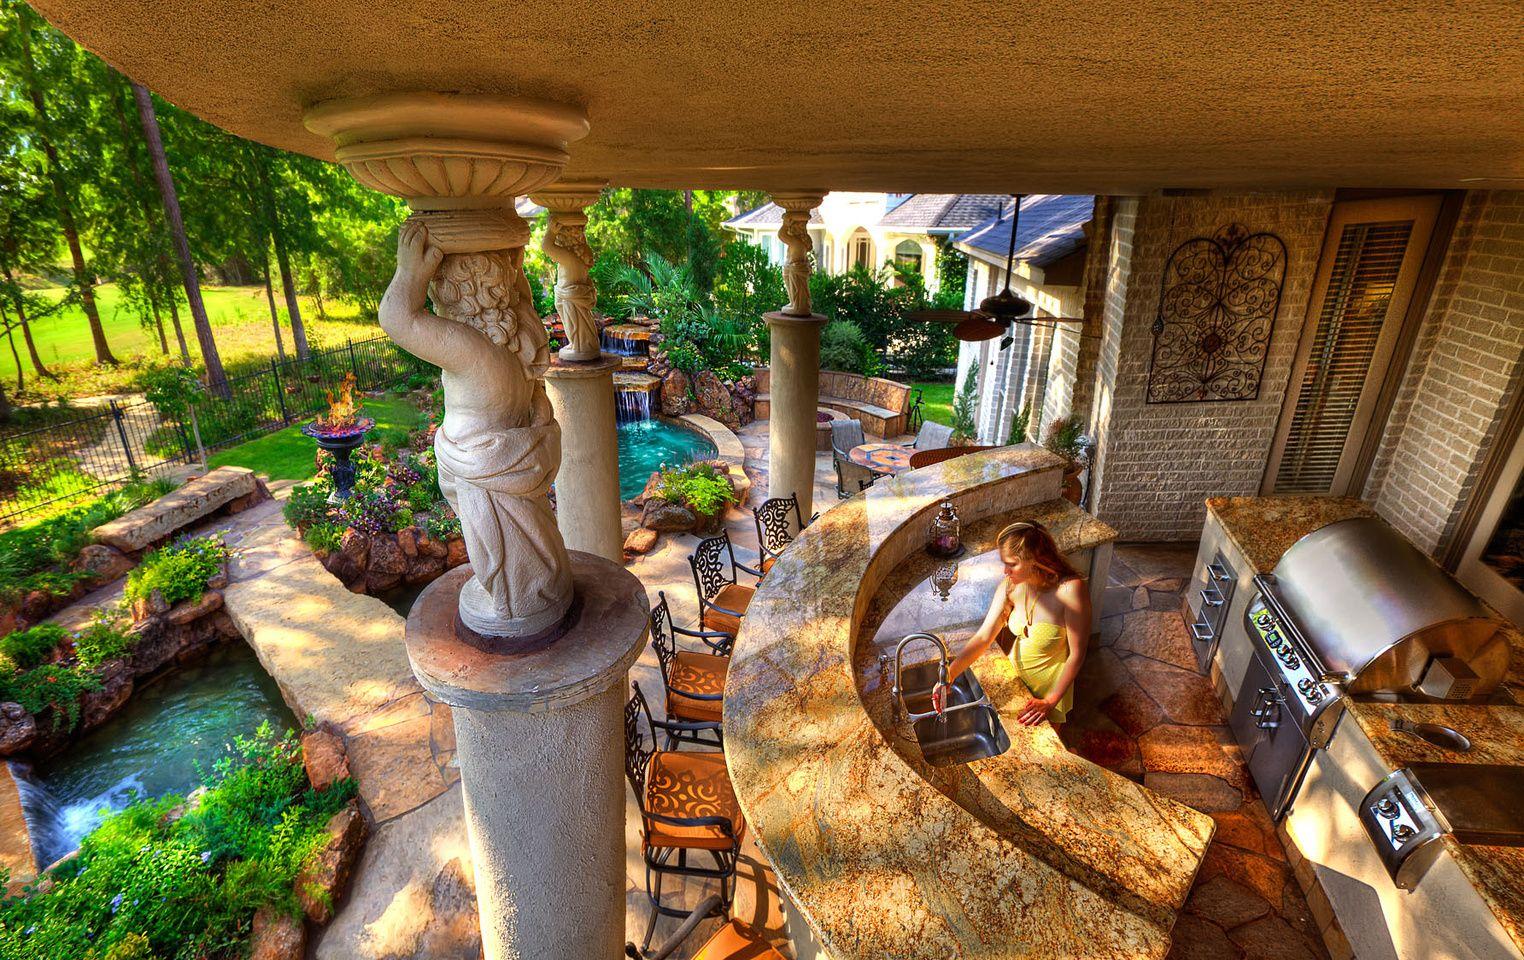 outdoors kitchen backyard kitchen luxury backyard kitche luxury outdoor kitchen on outdoor kitchen id=47412